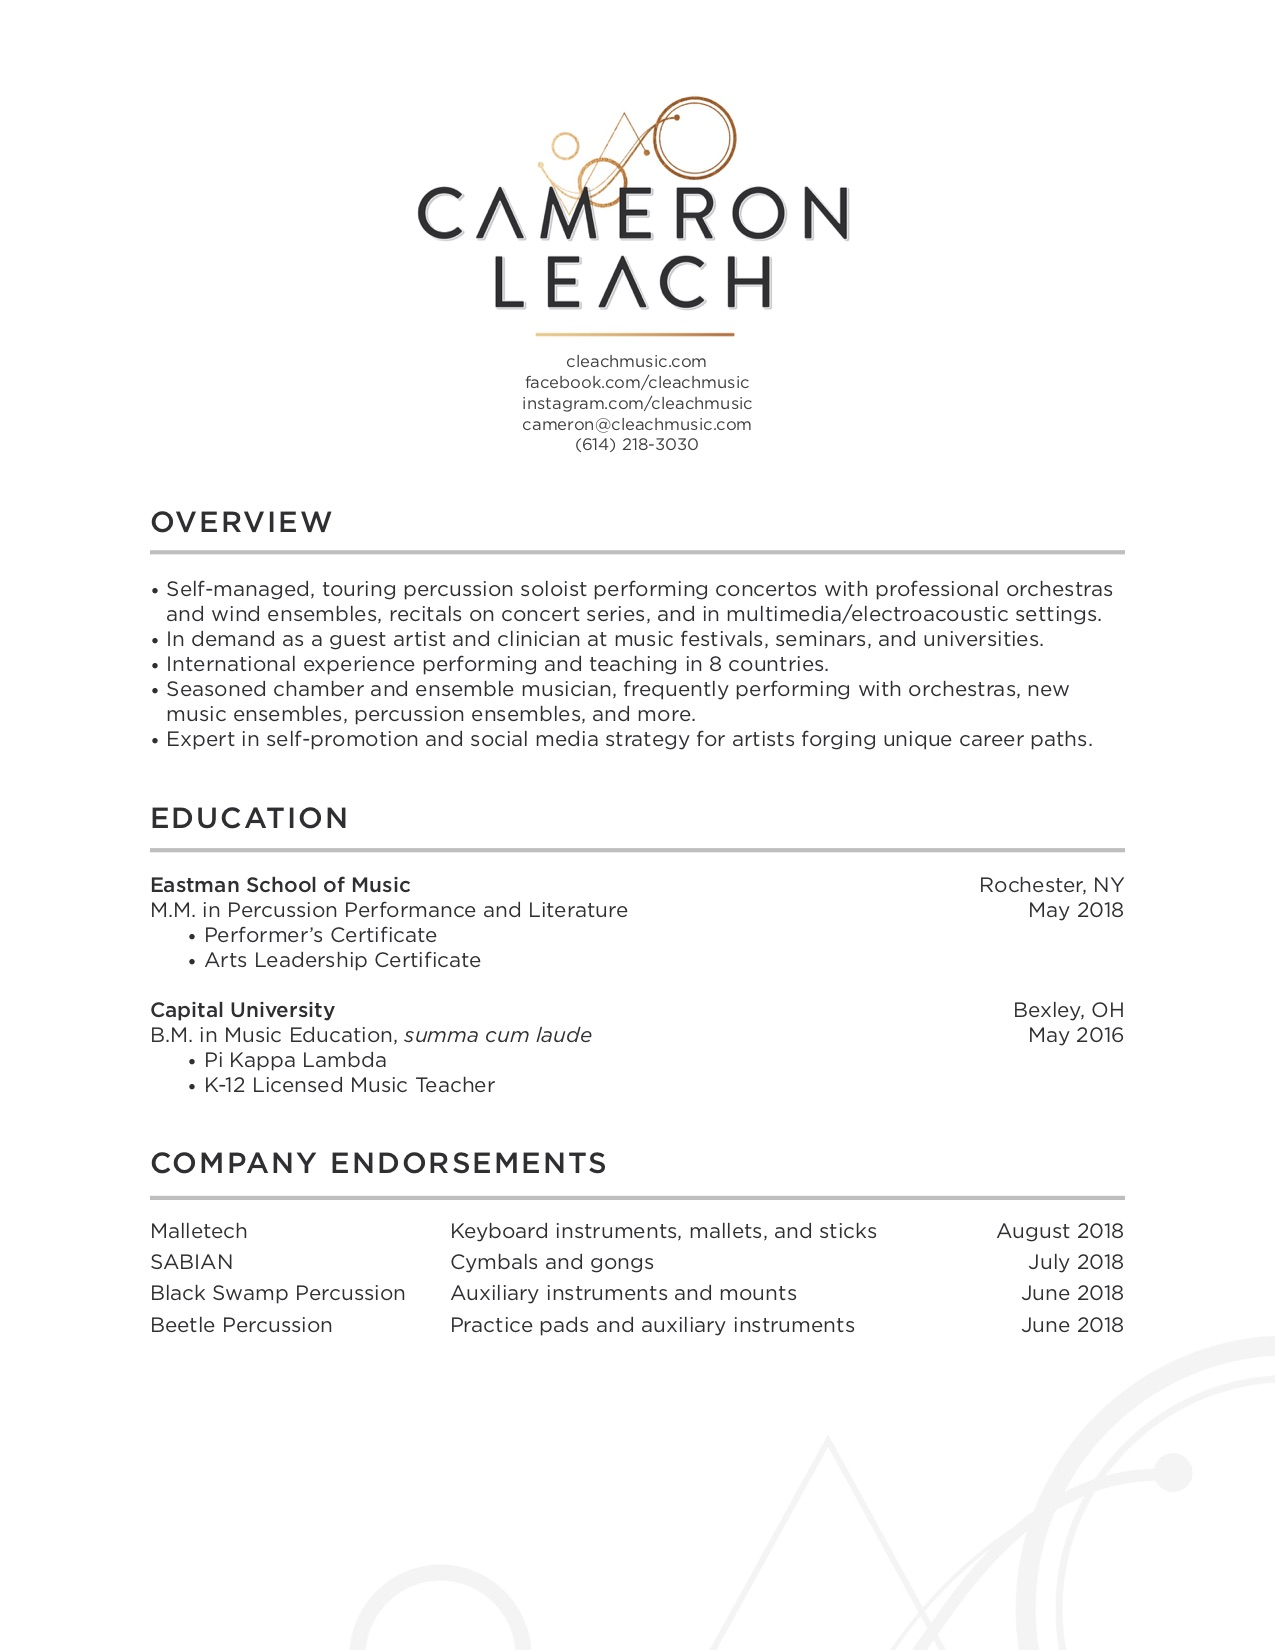 Cameron Leach CV.jpg